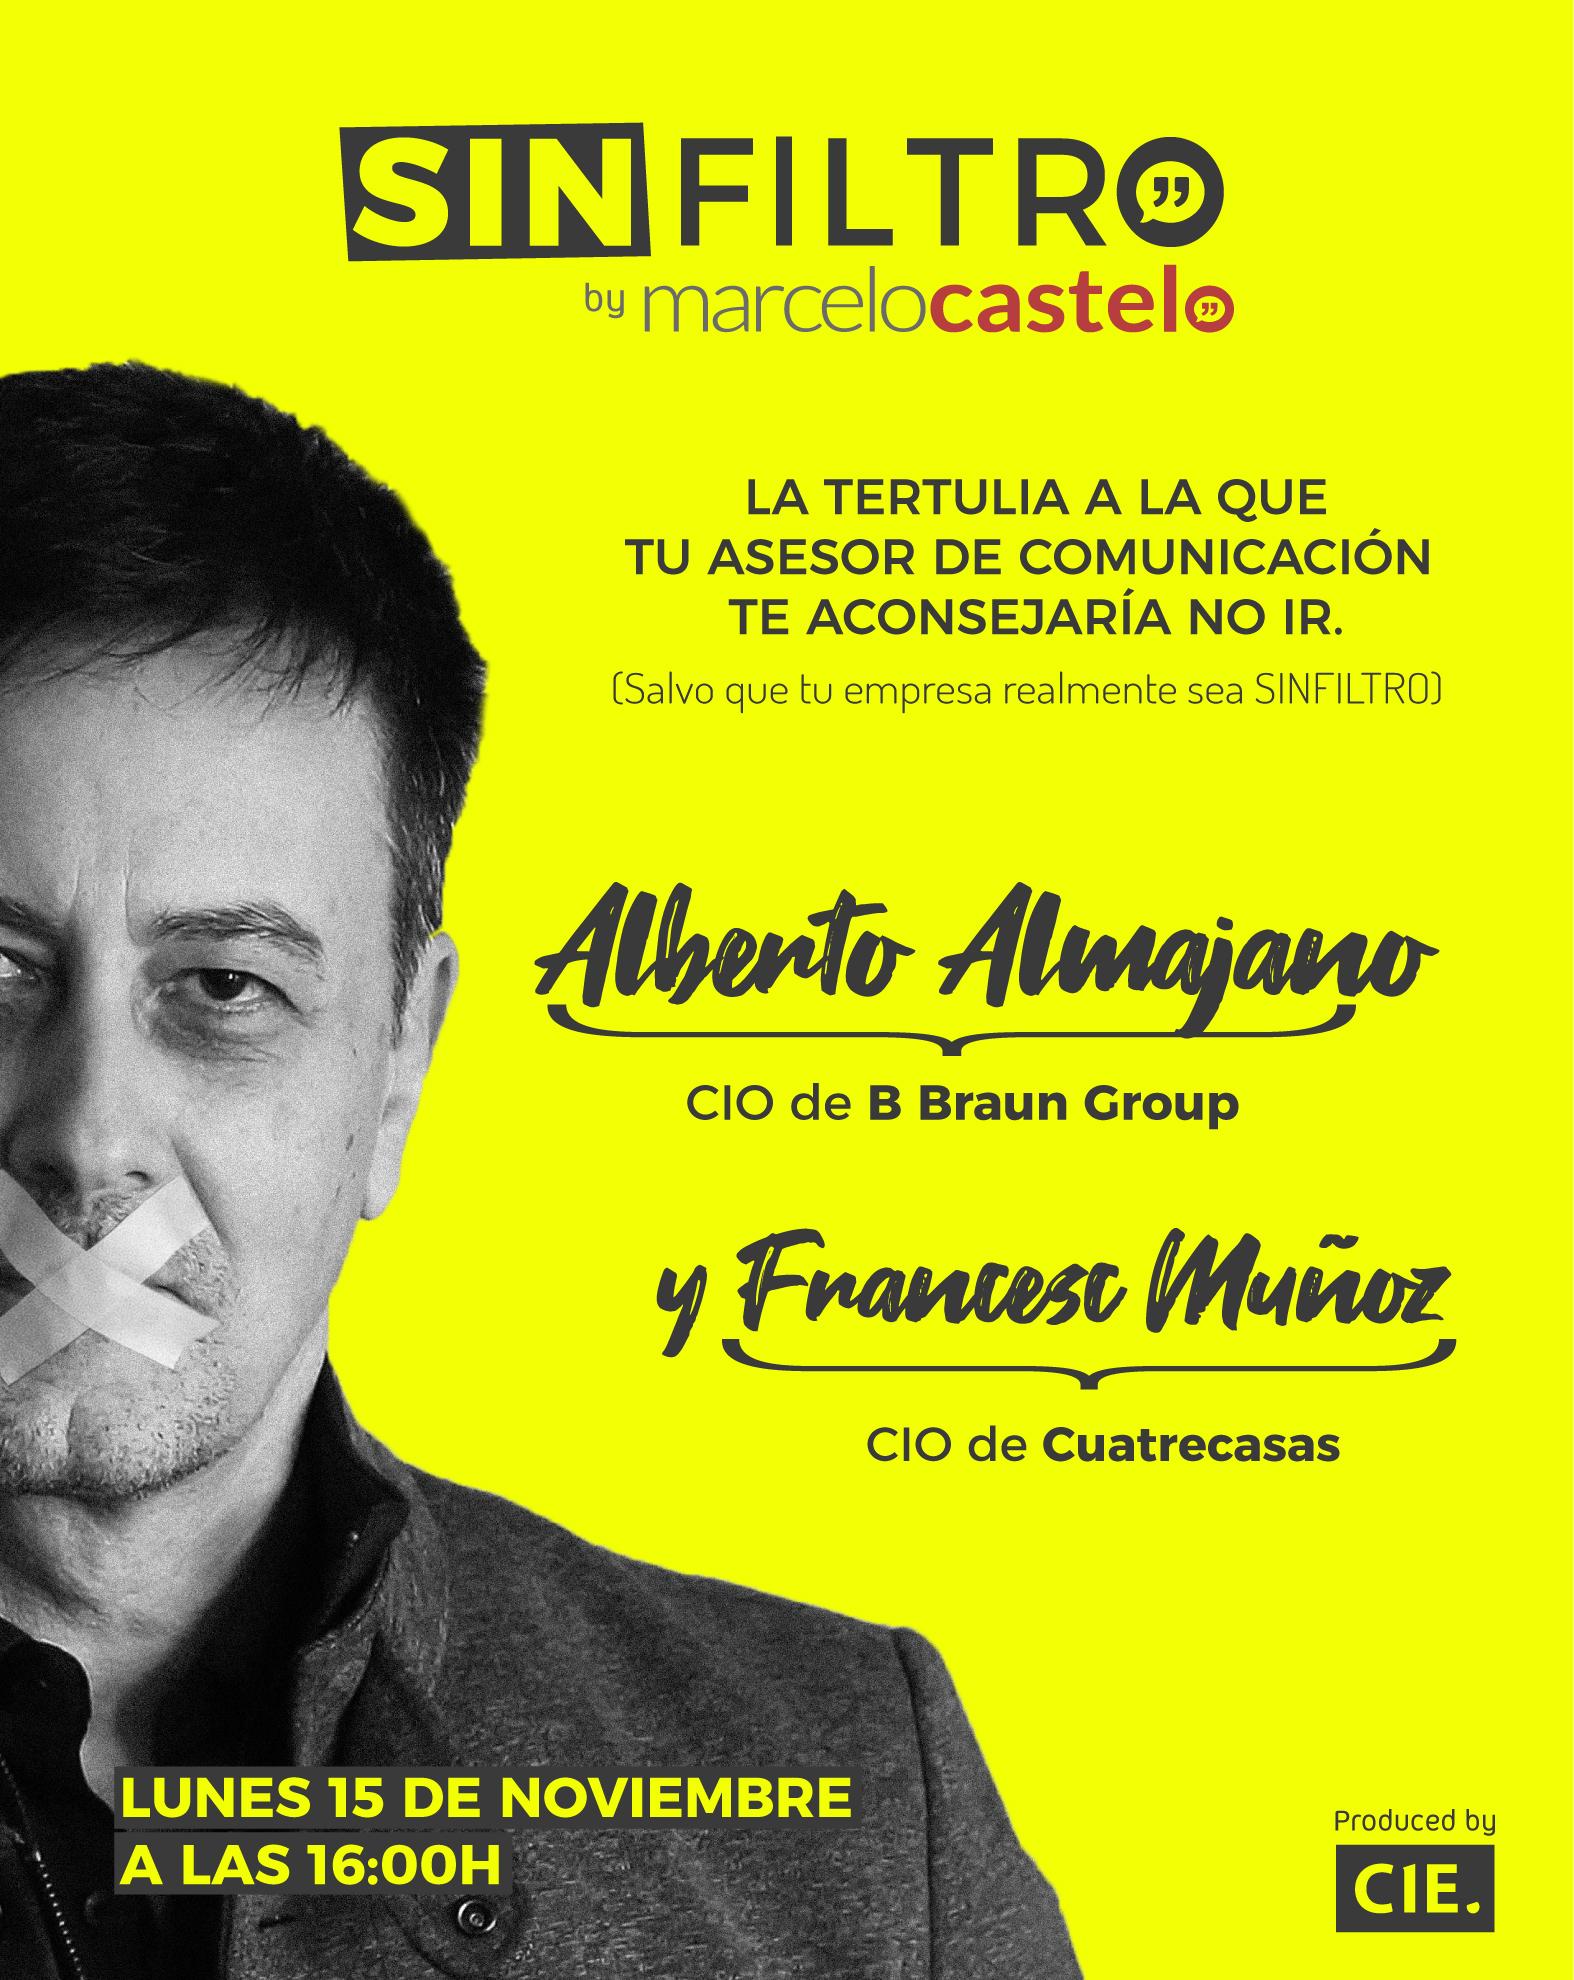 Sinfiltro-Marcelo-castelo-Alberto-Almajano